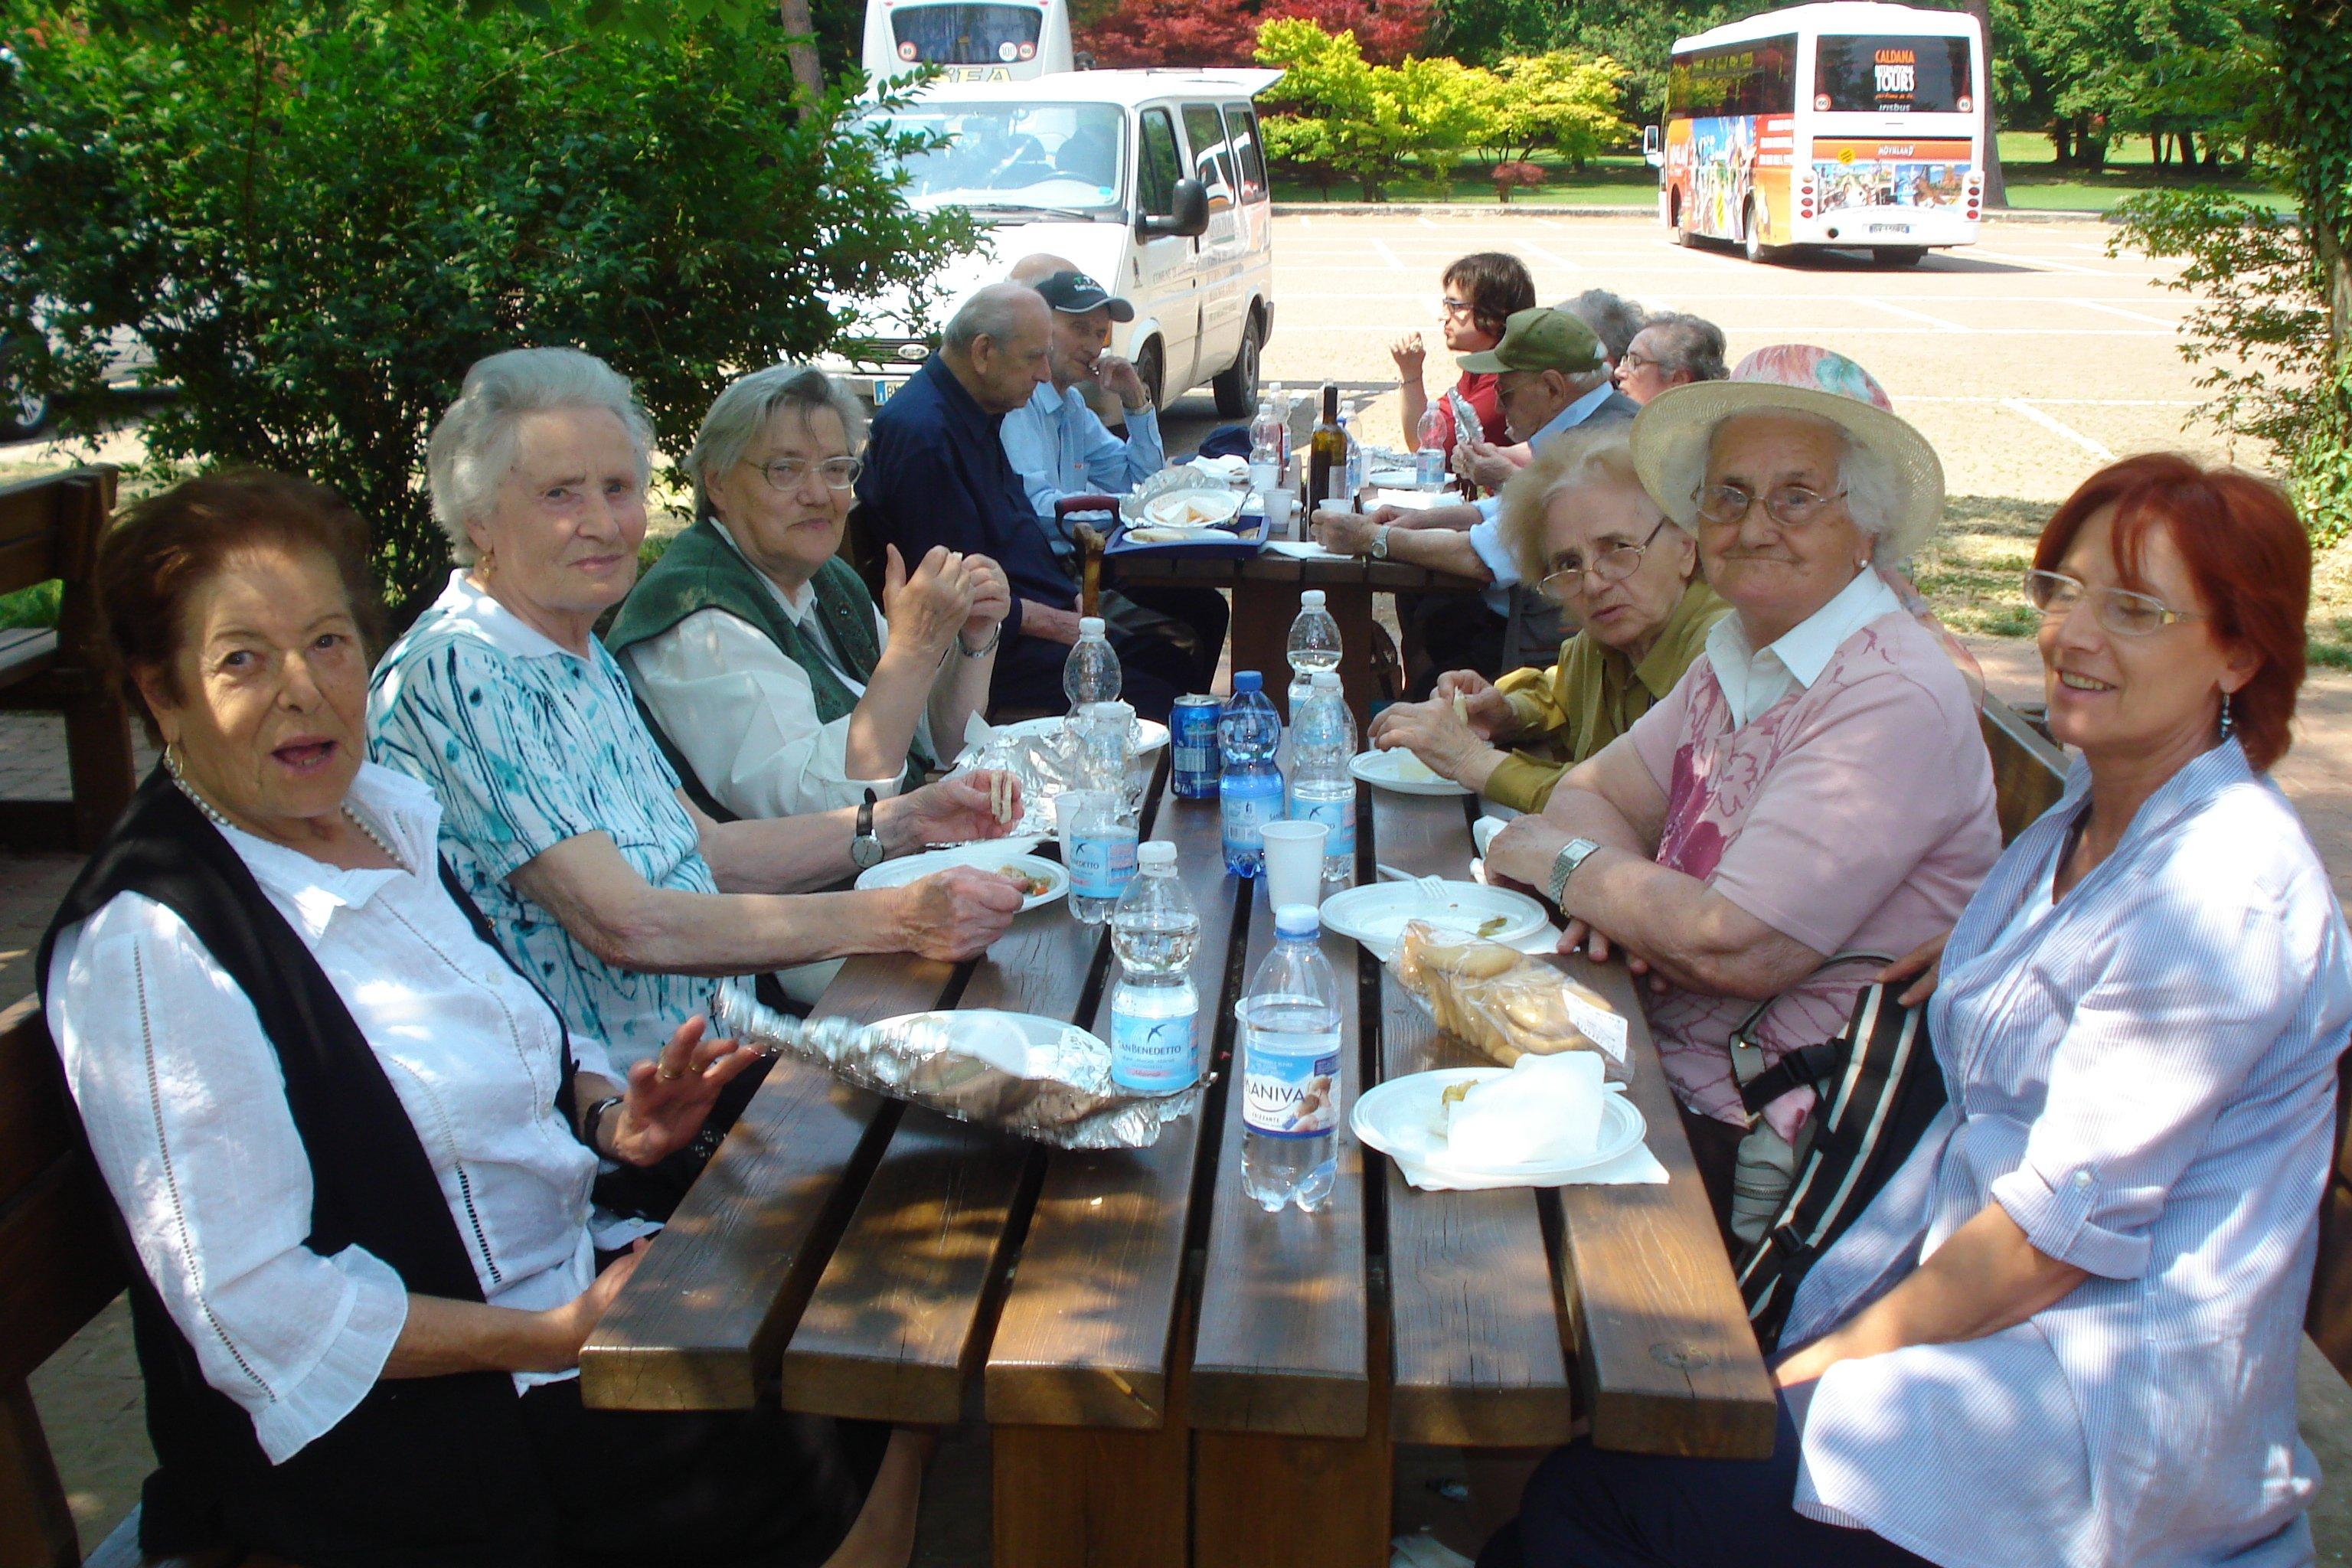 anziani al tavolo durante un pic-nic